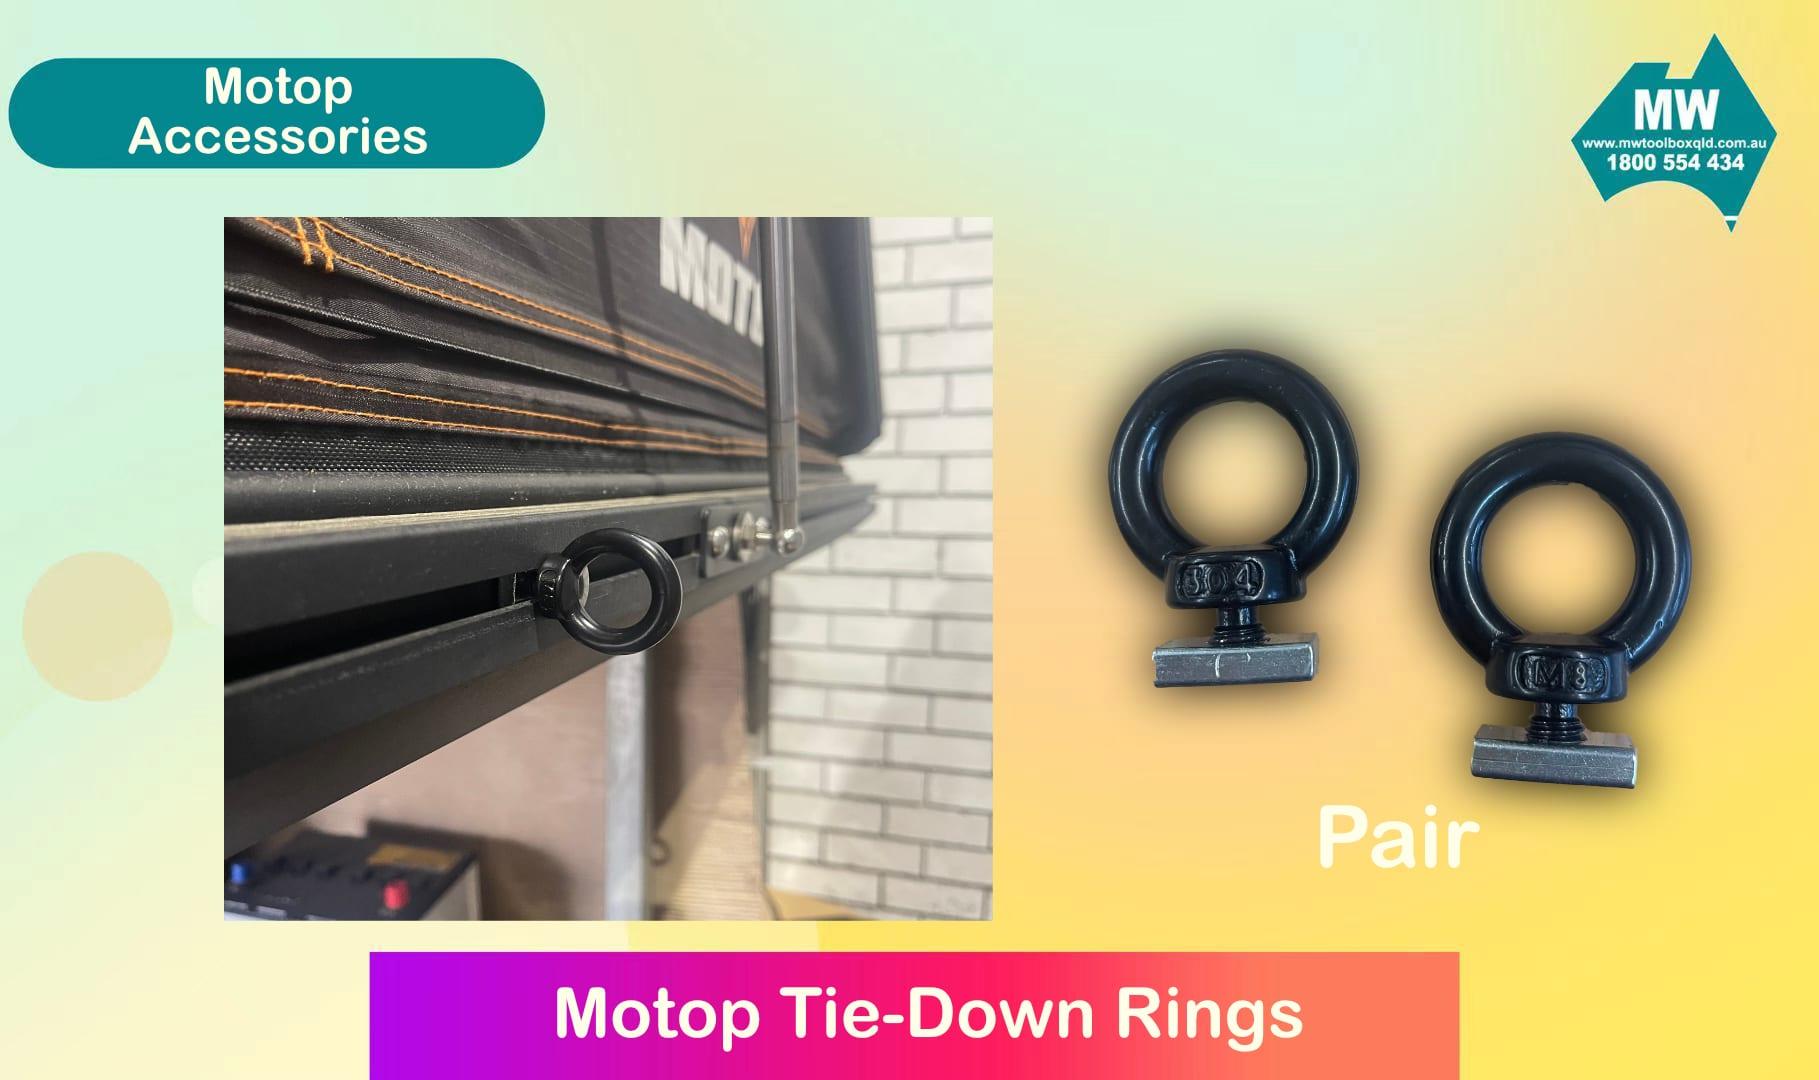 Tie-Down Rings